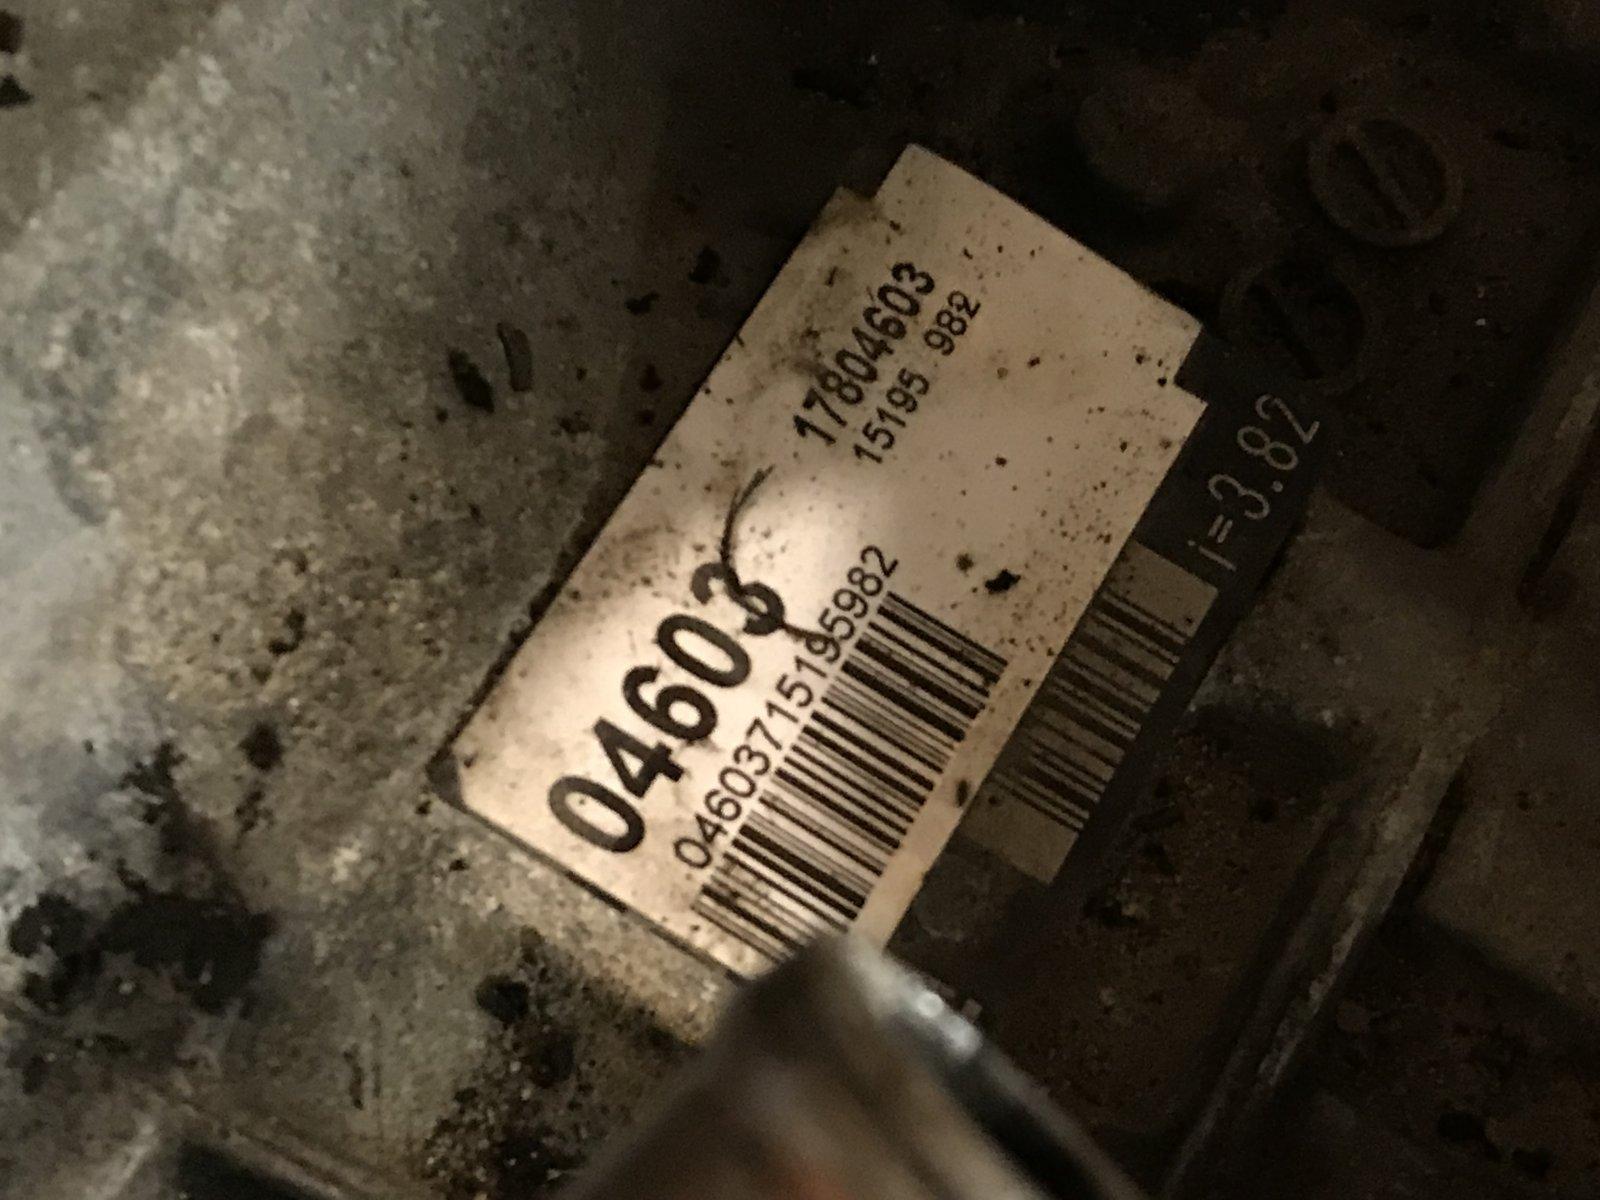 F67C5650-C774-4E77-AE1E-514E13FE109E.jpeg